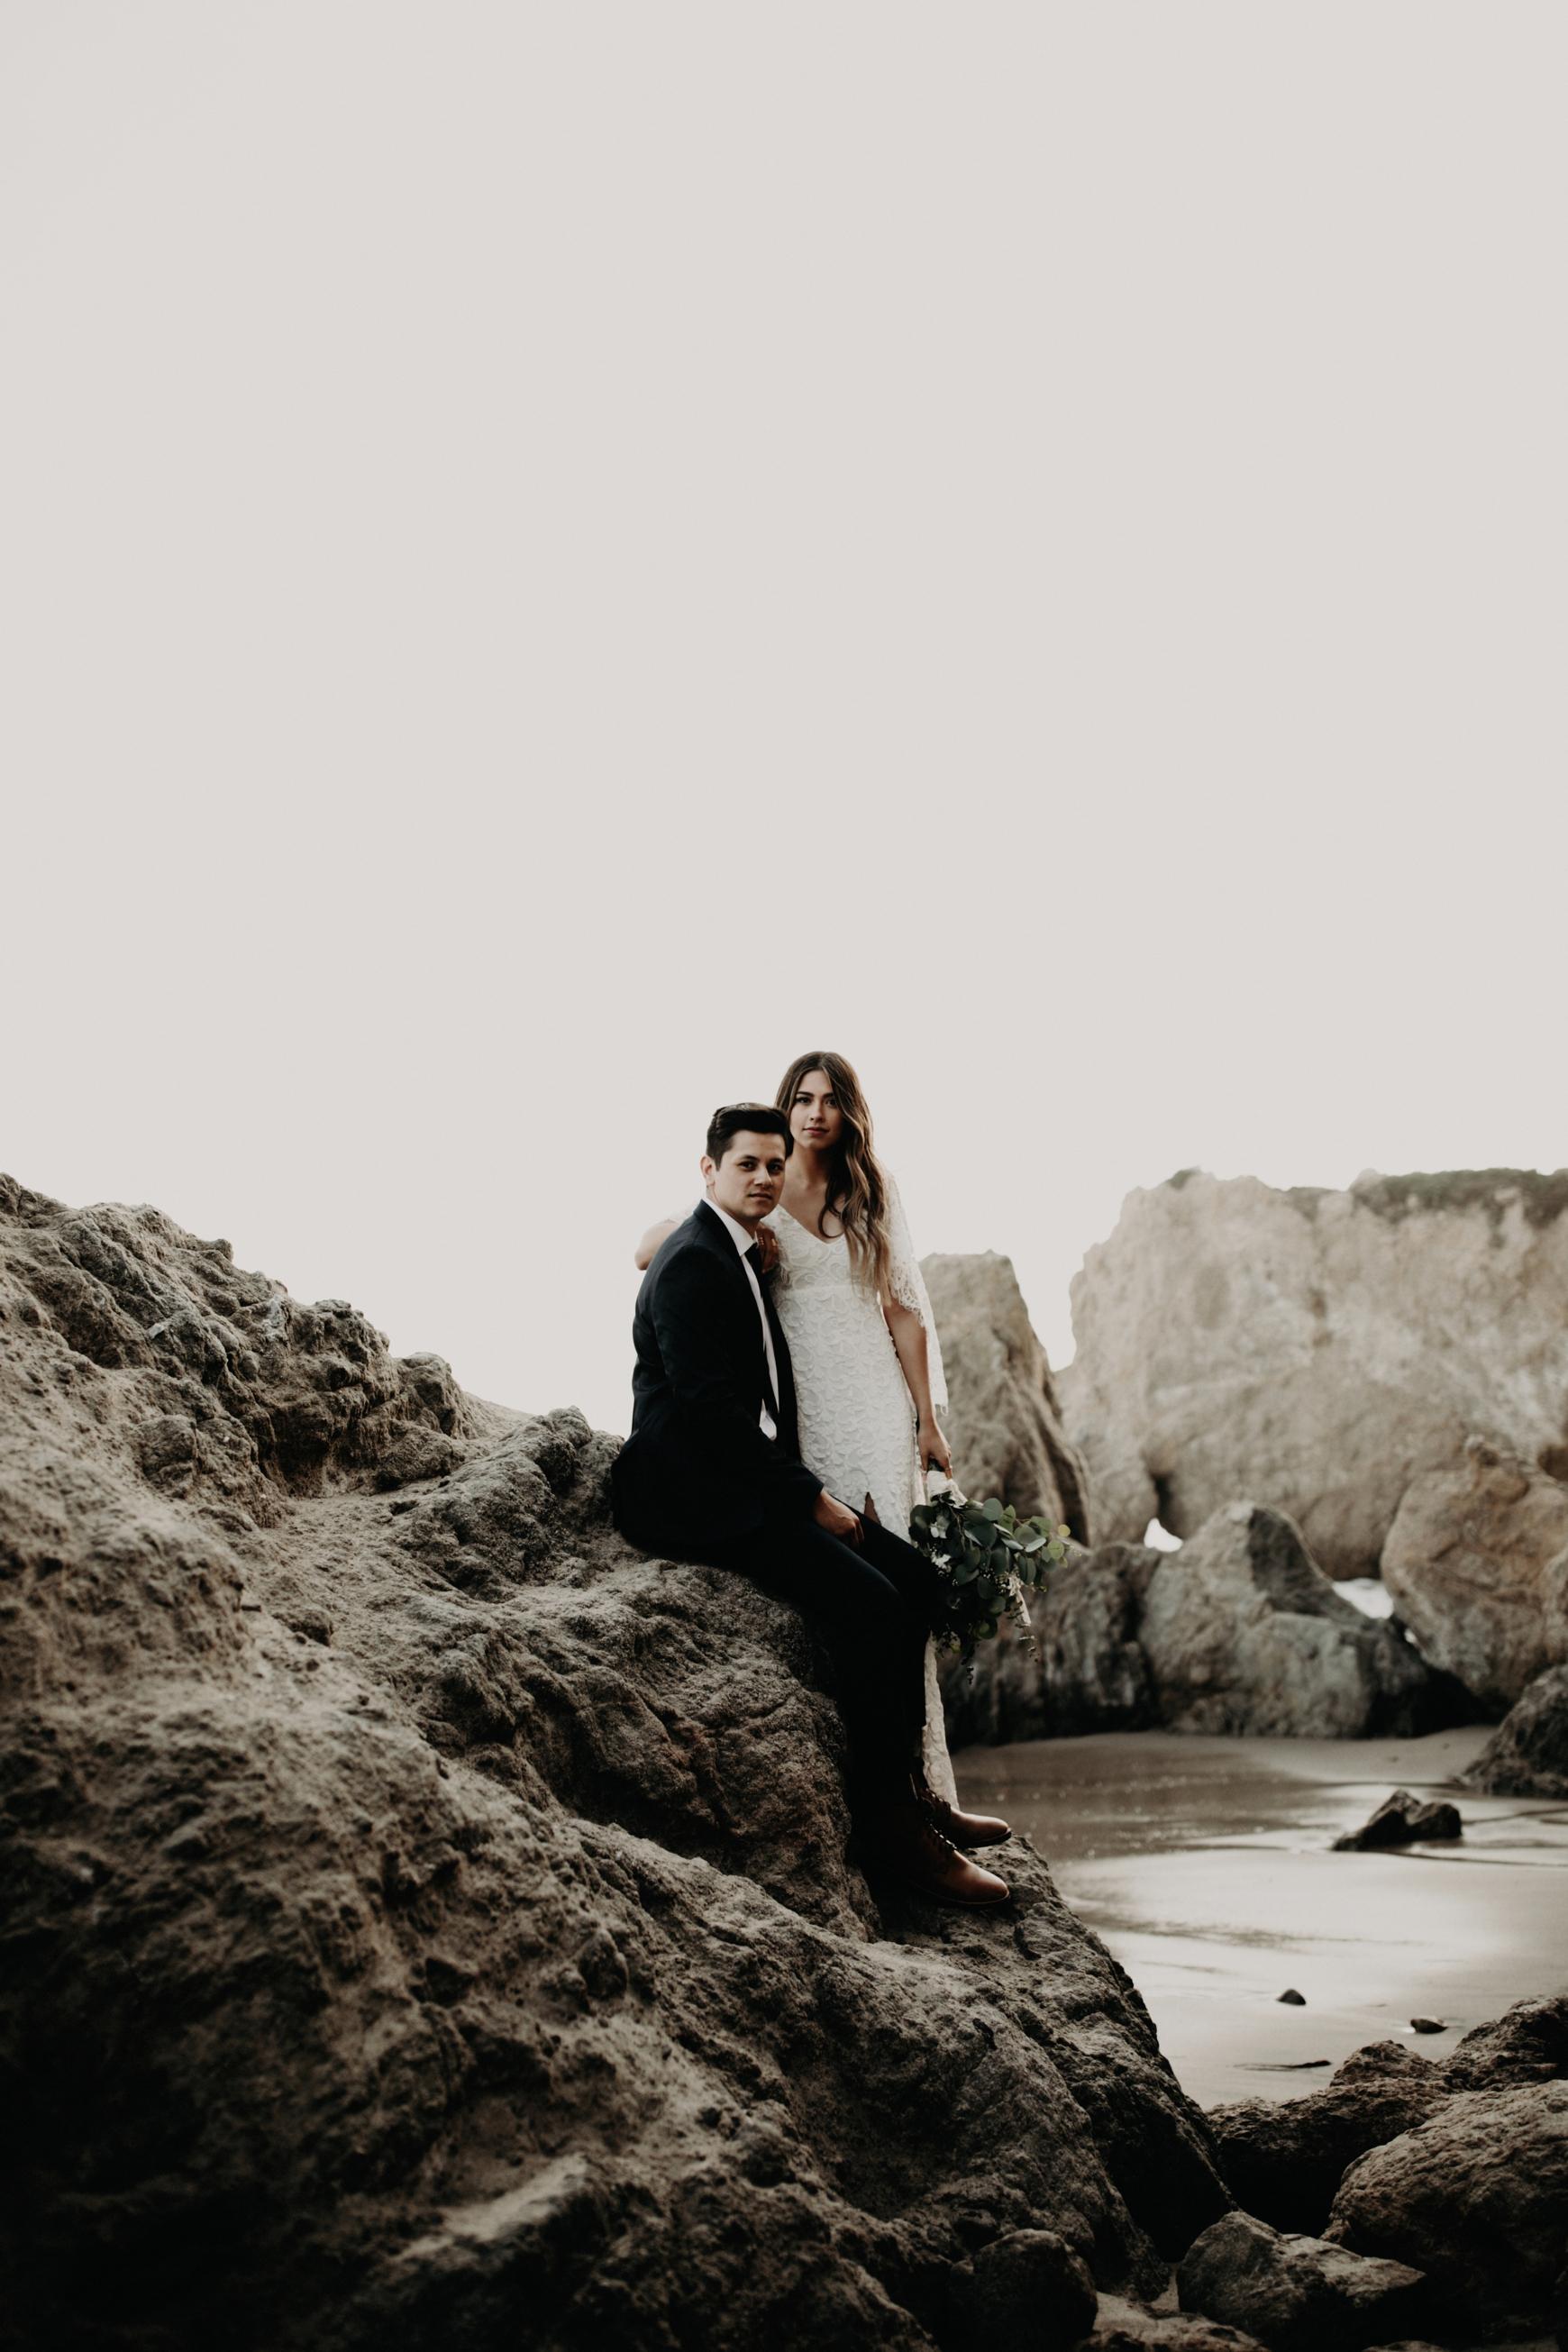 El Matador Beach Bridal Portraits Justellen & TJ Emily Magers Photography-211Emily Magers Photography.jpg